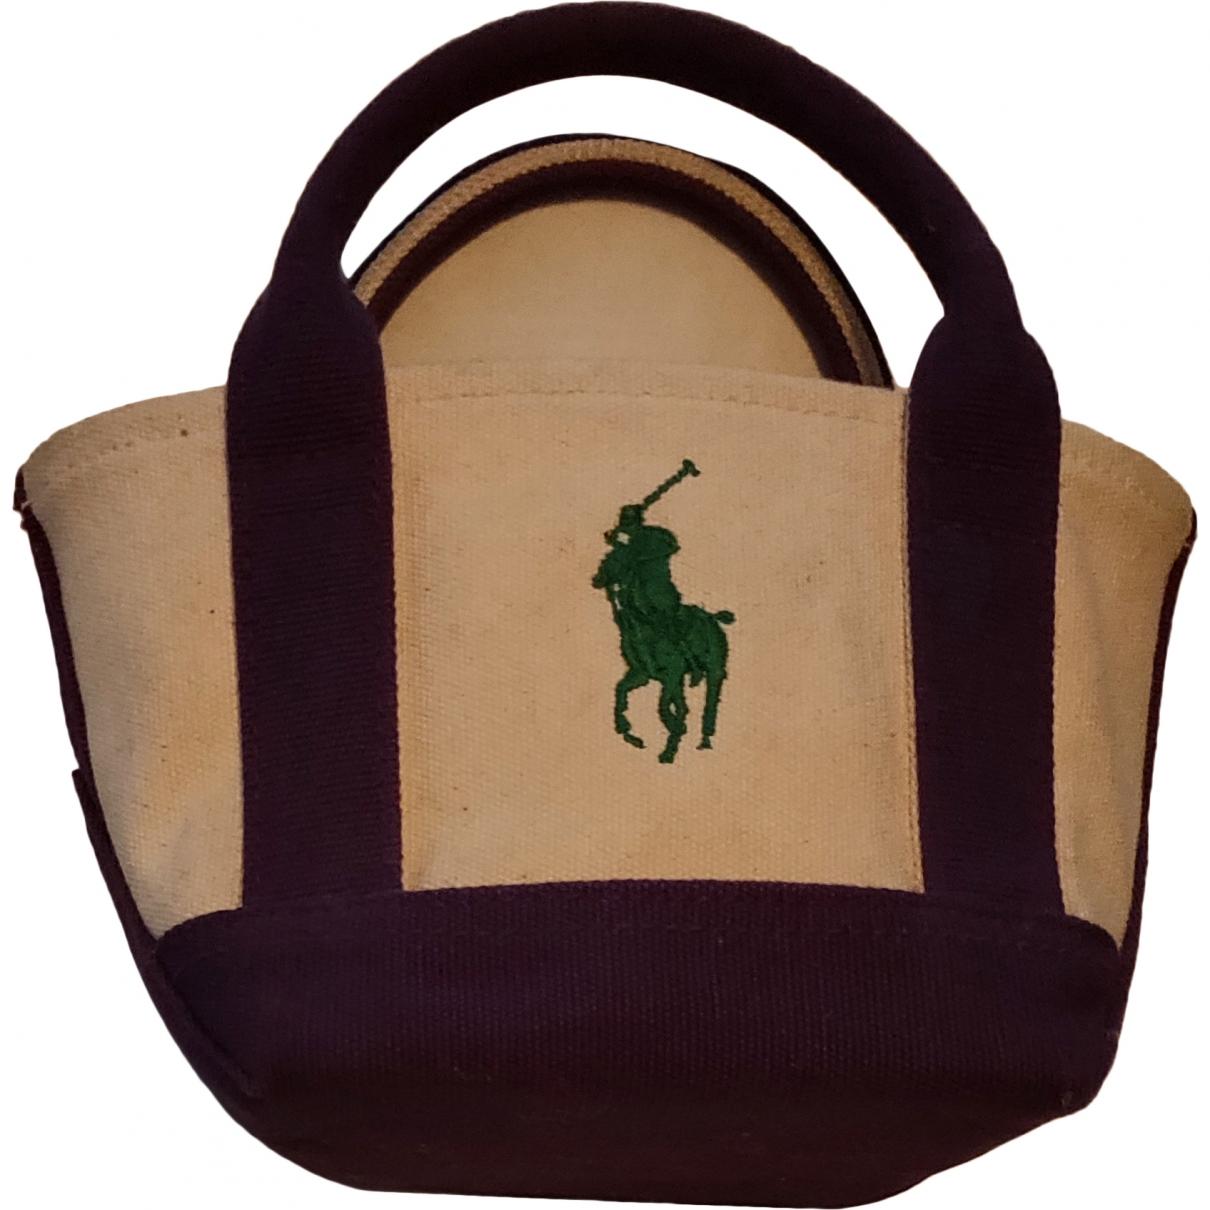 Ralph Lauren \N Beige Cotton handbag for Women \N